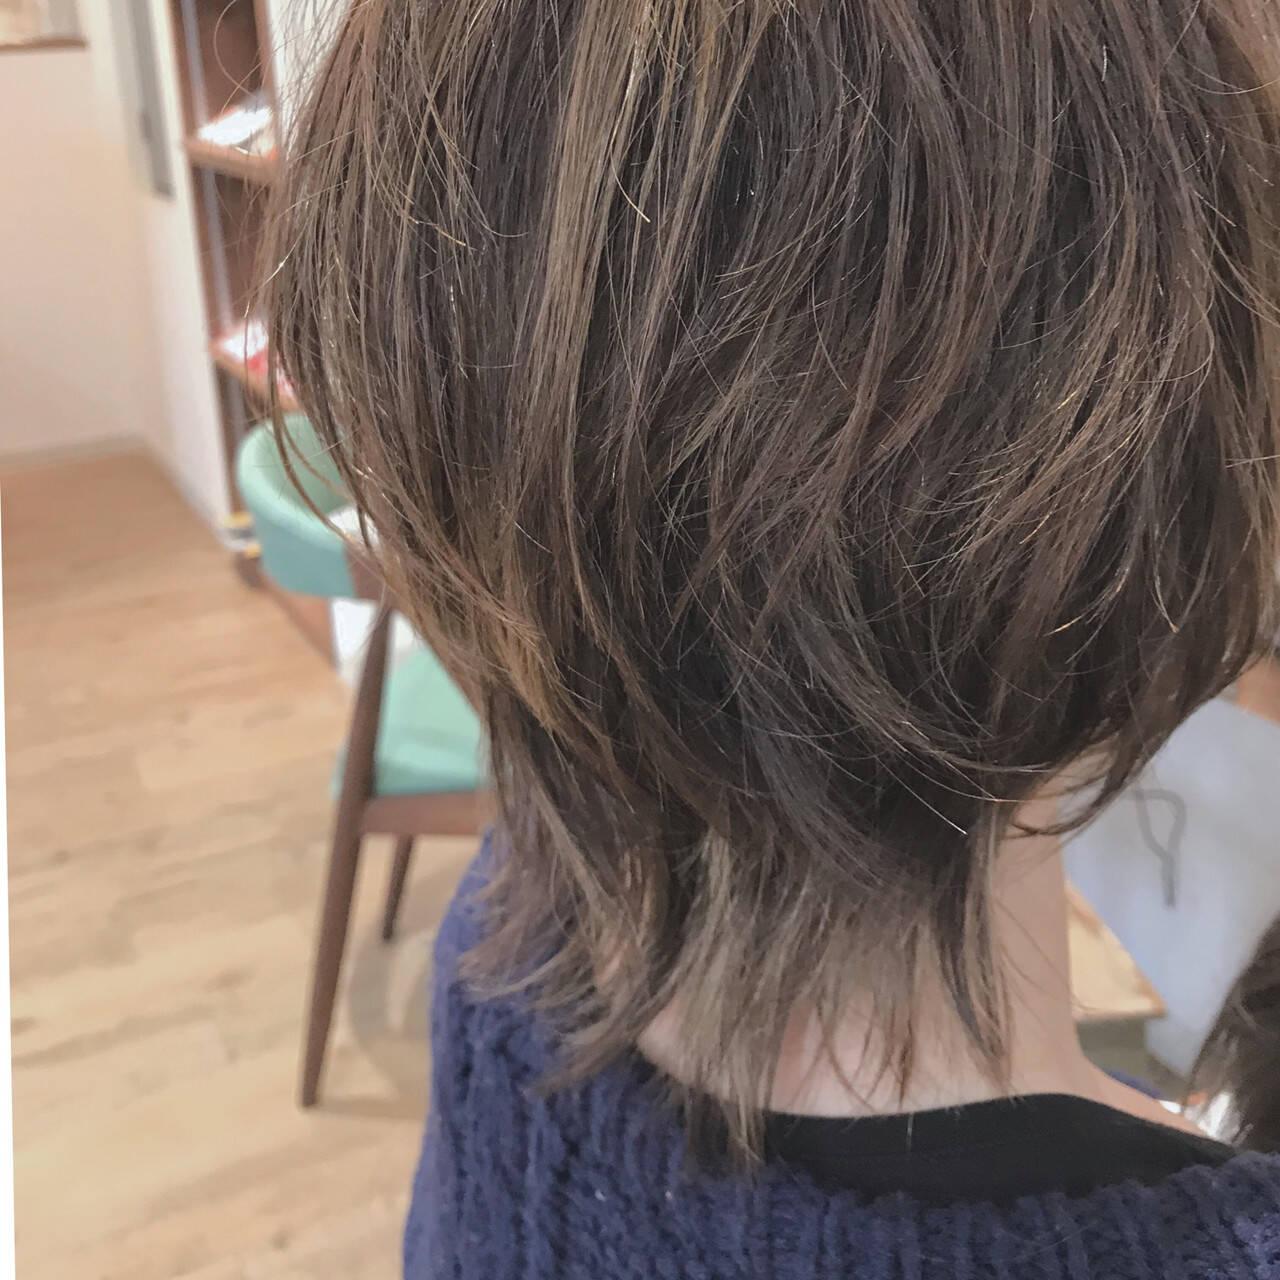 モード ボブ くせ毛風 マッシュウルフヘアスタイルや髪型の写真・画像